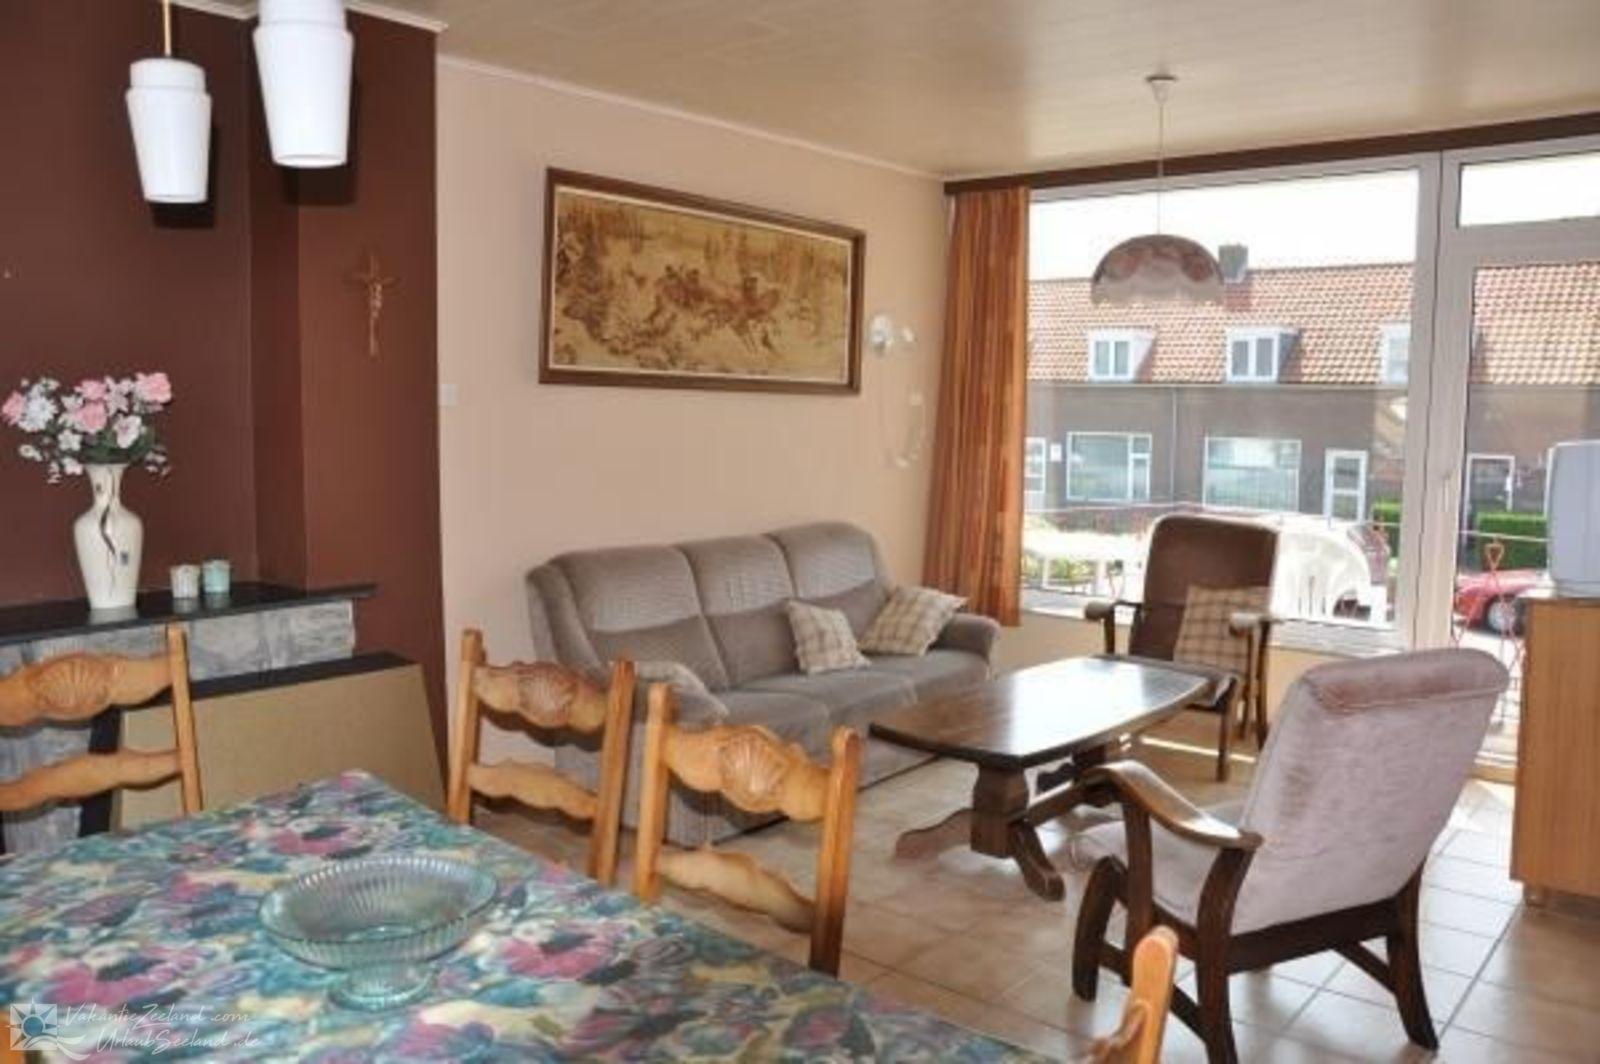 vz575-vakantiehuis-cadzand